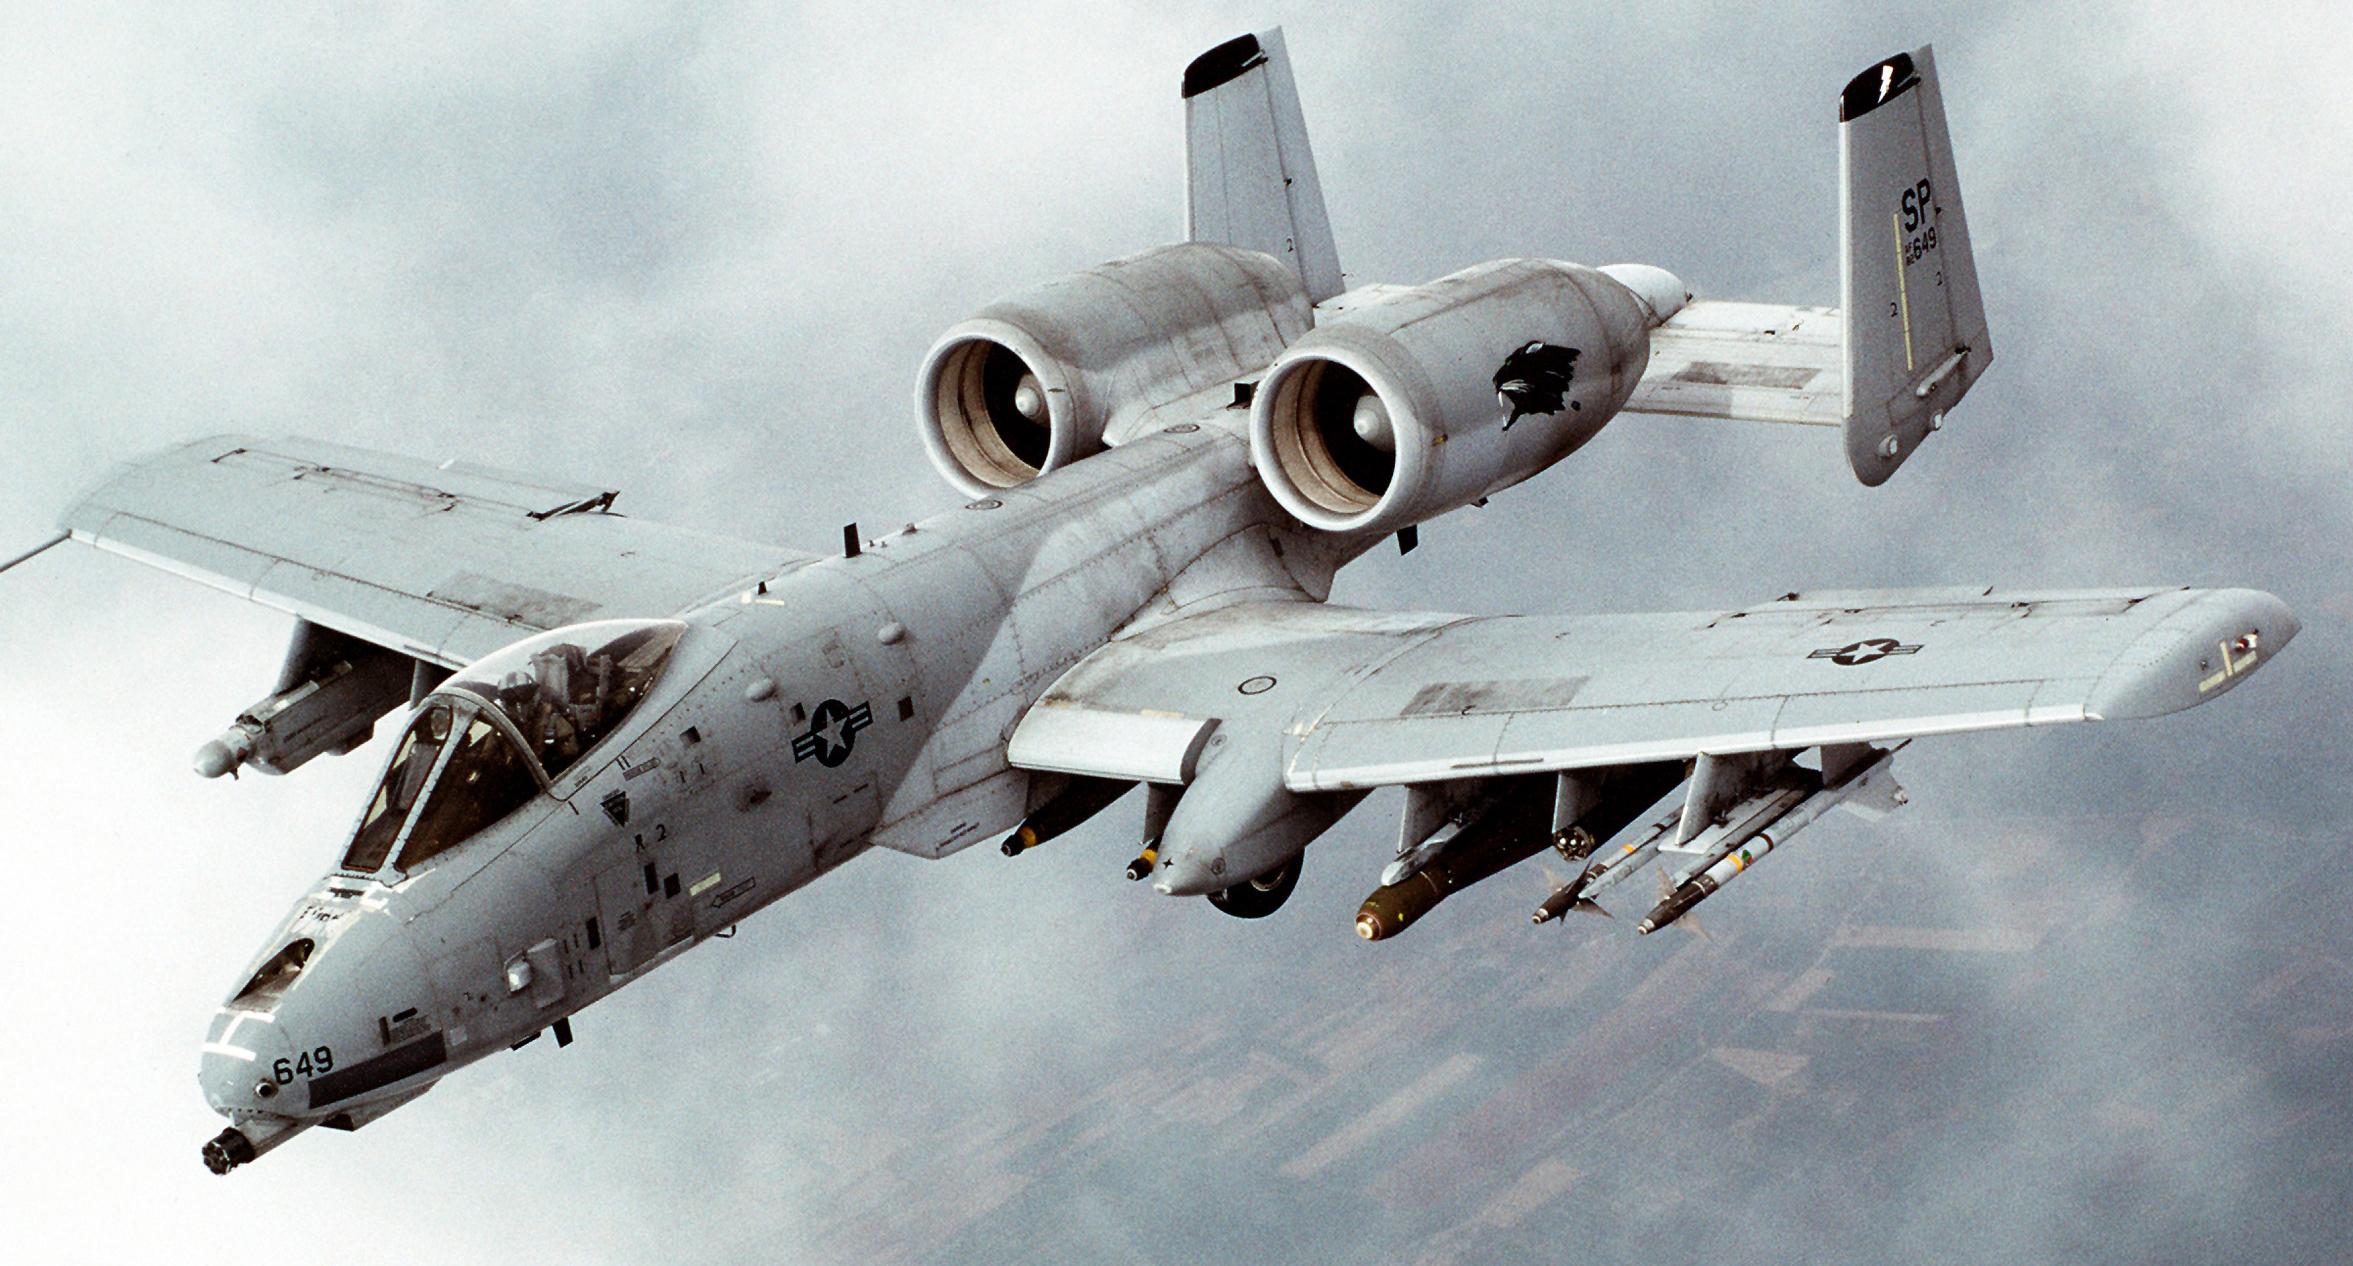 A-10_Thunderbolt_II_In-flight-2.jpeg